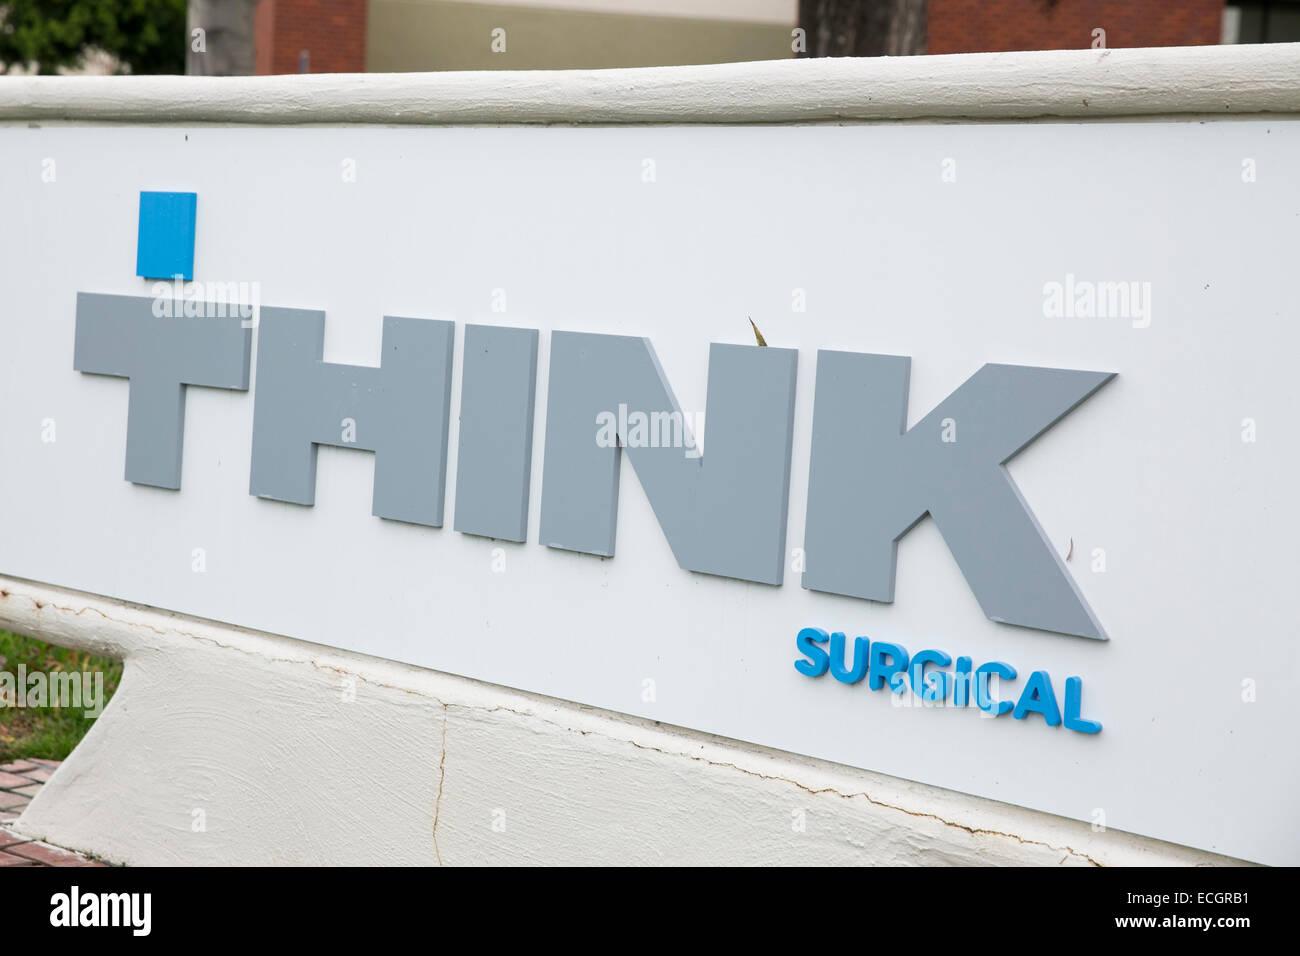 Das Hauptquartier der chirurgischen denken. Stockbild